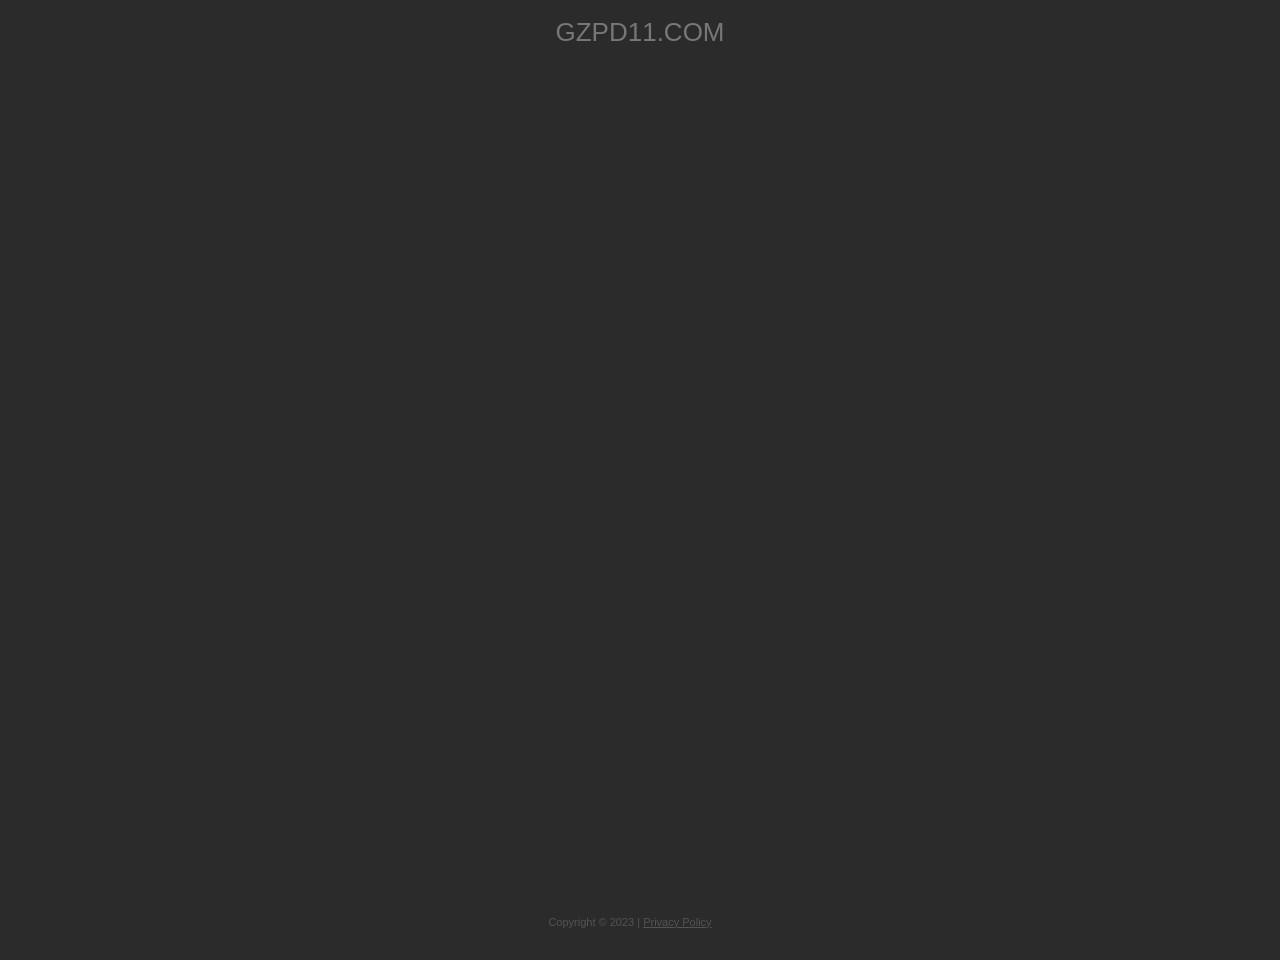 广州蒲典网